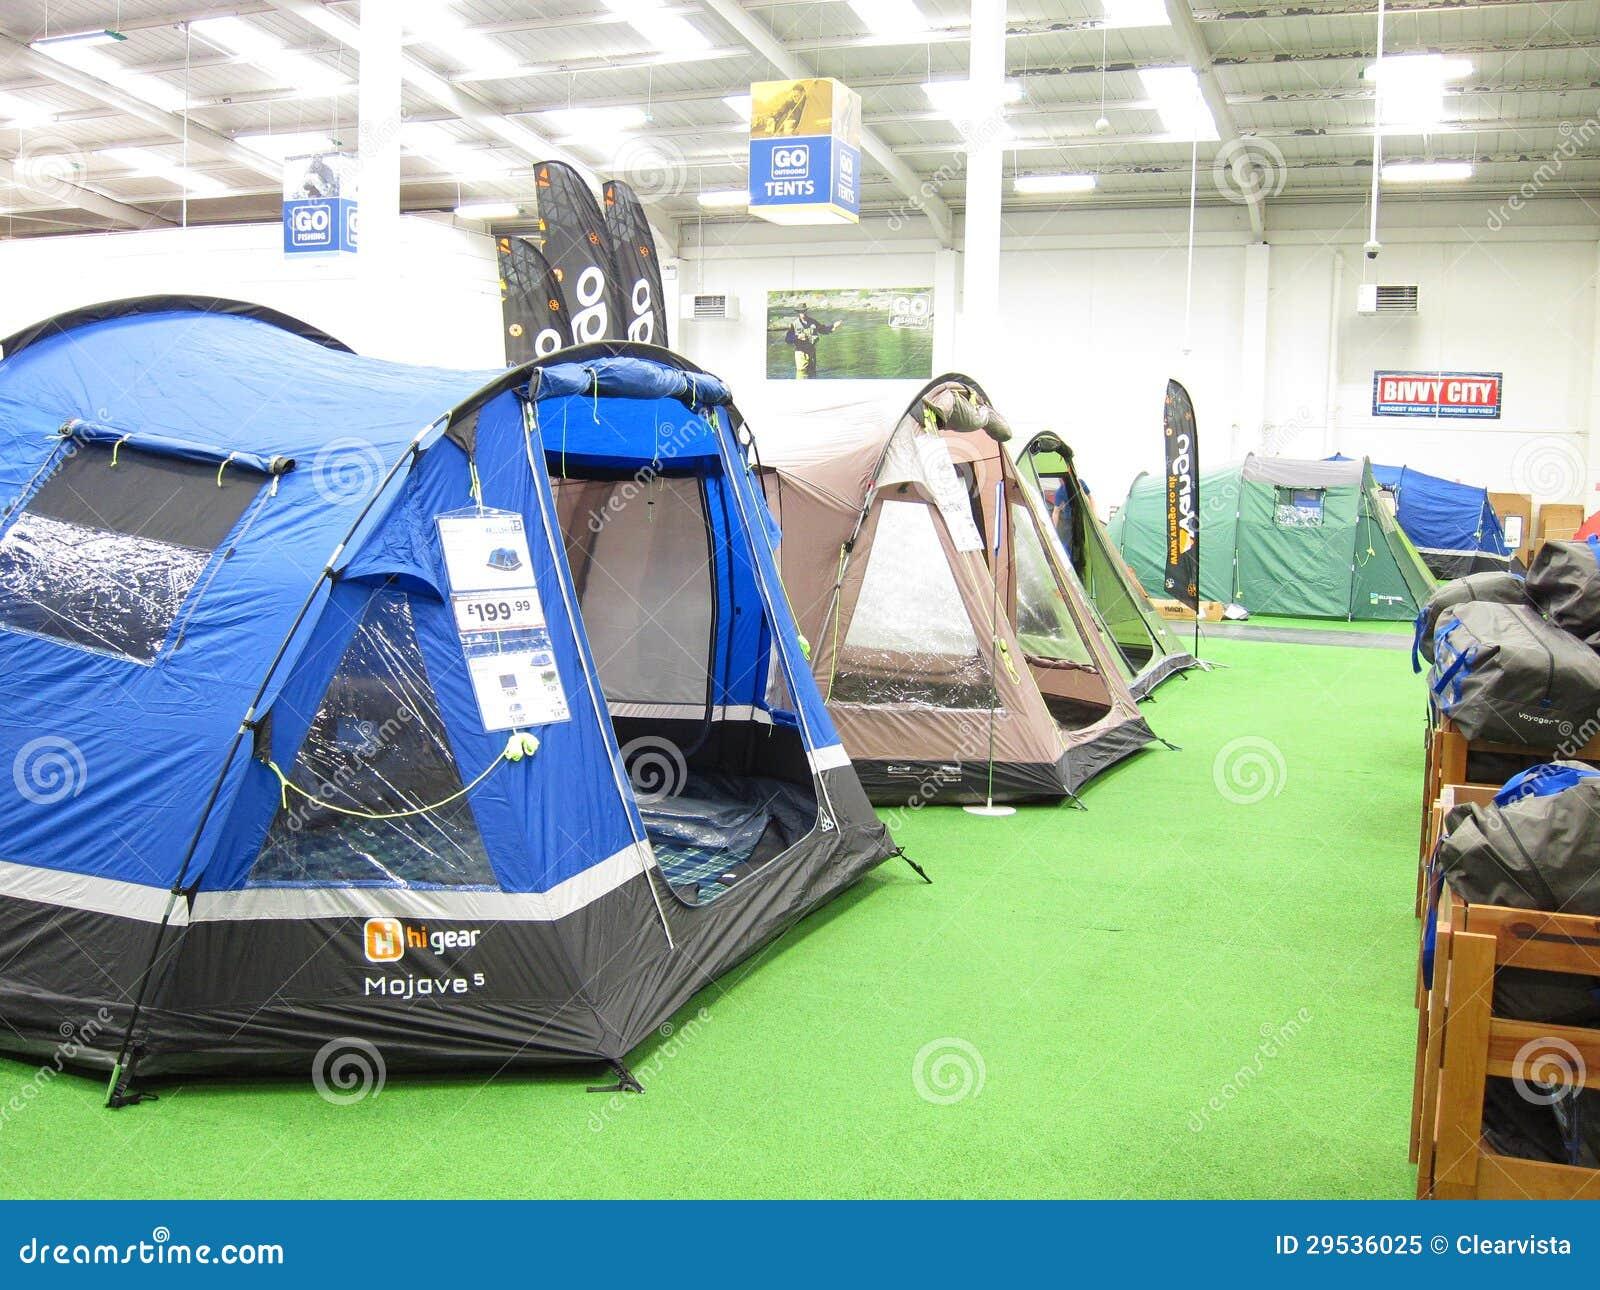 Tende campeggio - Tutte le offerte : Cascare a Fagiolo